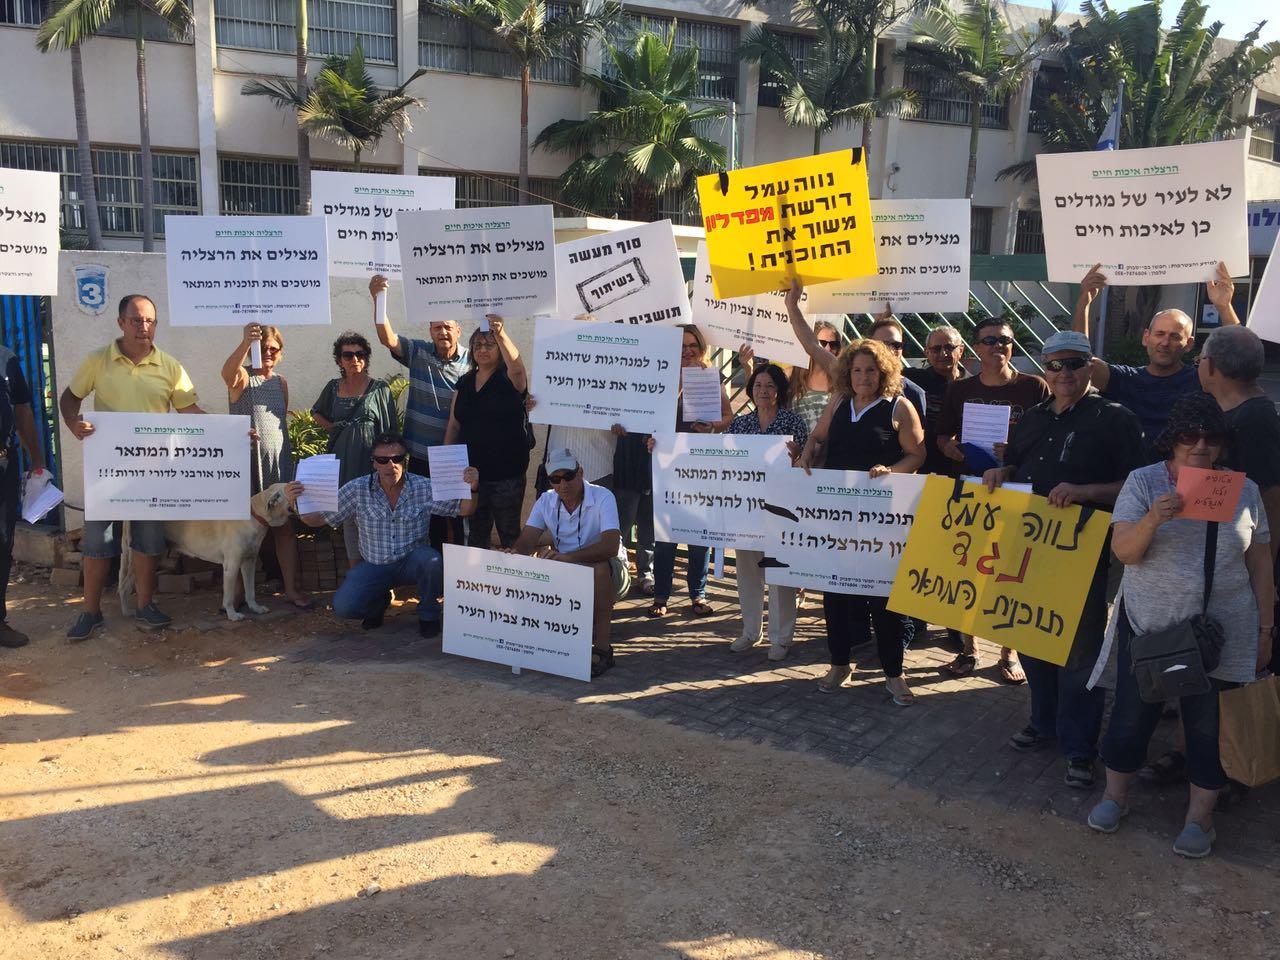 הפגנת תושבים נגד תכנית המתאר